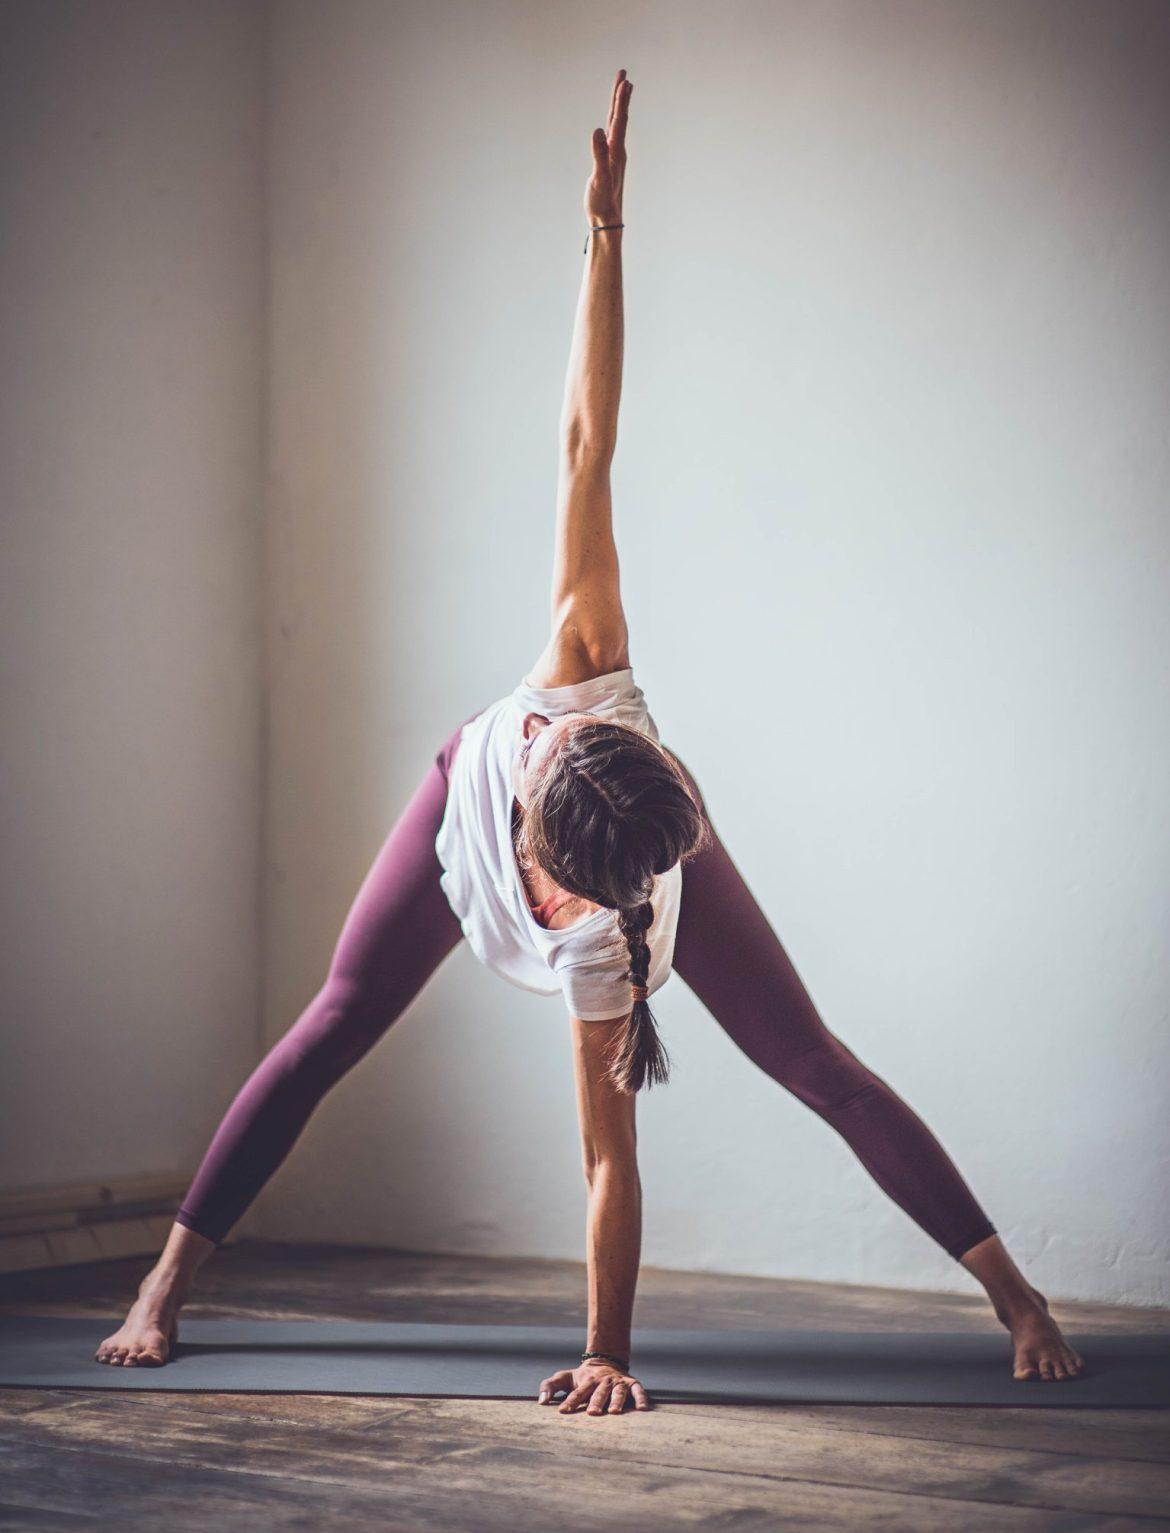 A56E7133 82D8 4FF4 BFED 63BAD87E00C3 e1610811389398 - Anusara Yoga: Schmerzfrei üben und das Herz öffnen